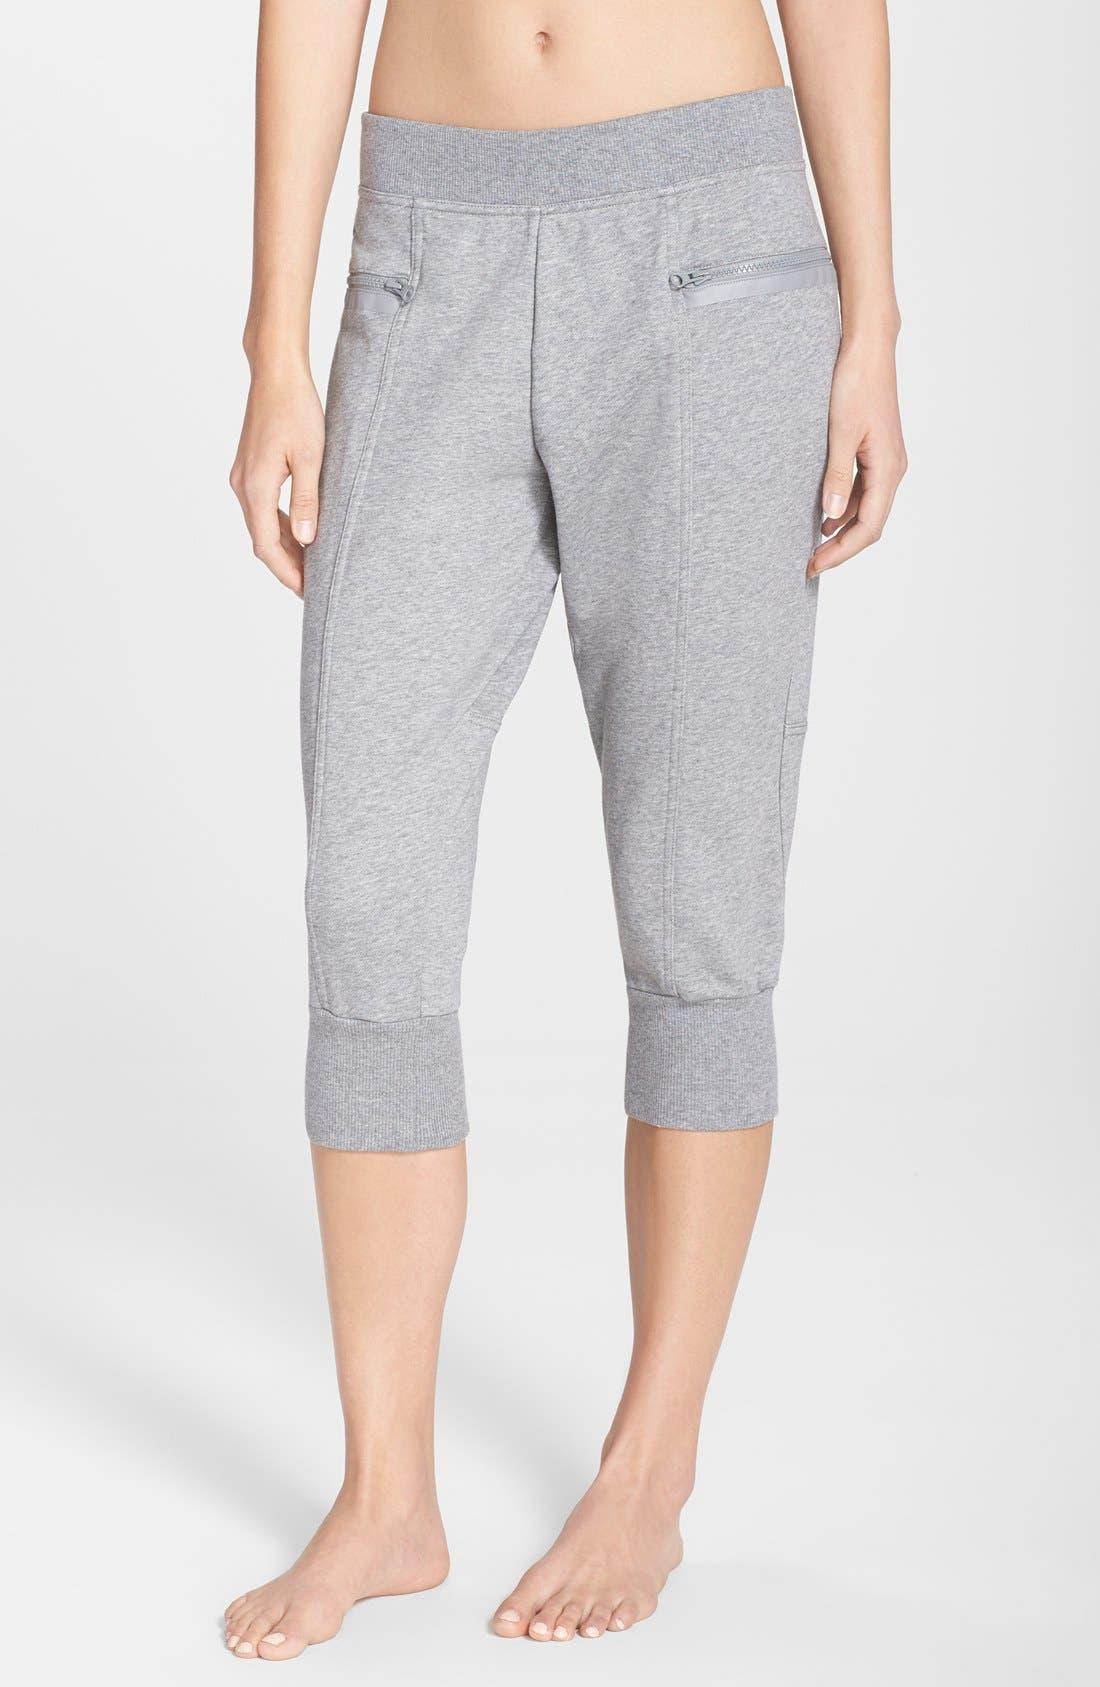 Main Image - adidas by Stella McCartney 'Ess' Organic Cotton Sweatpants